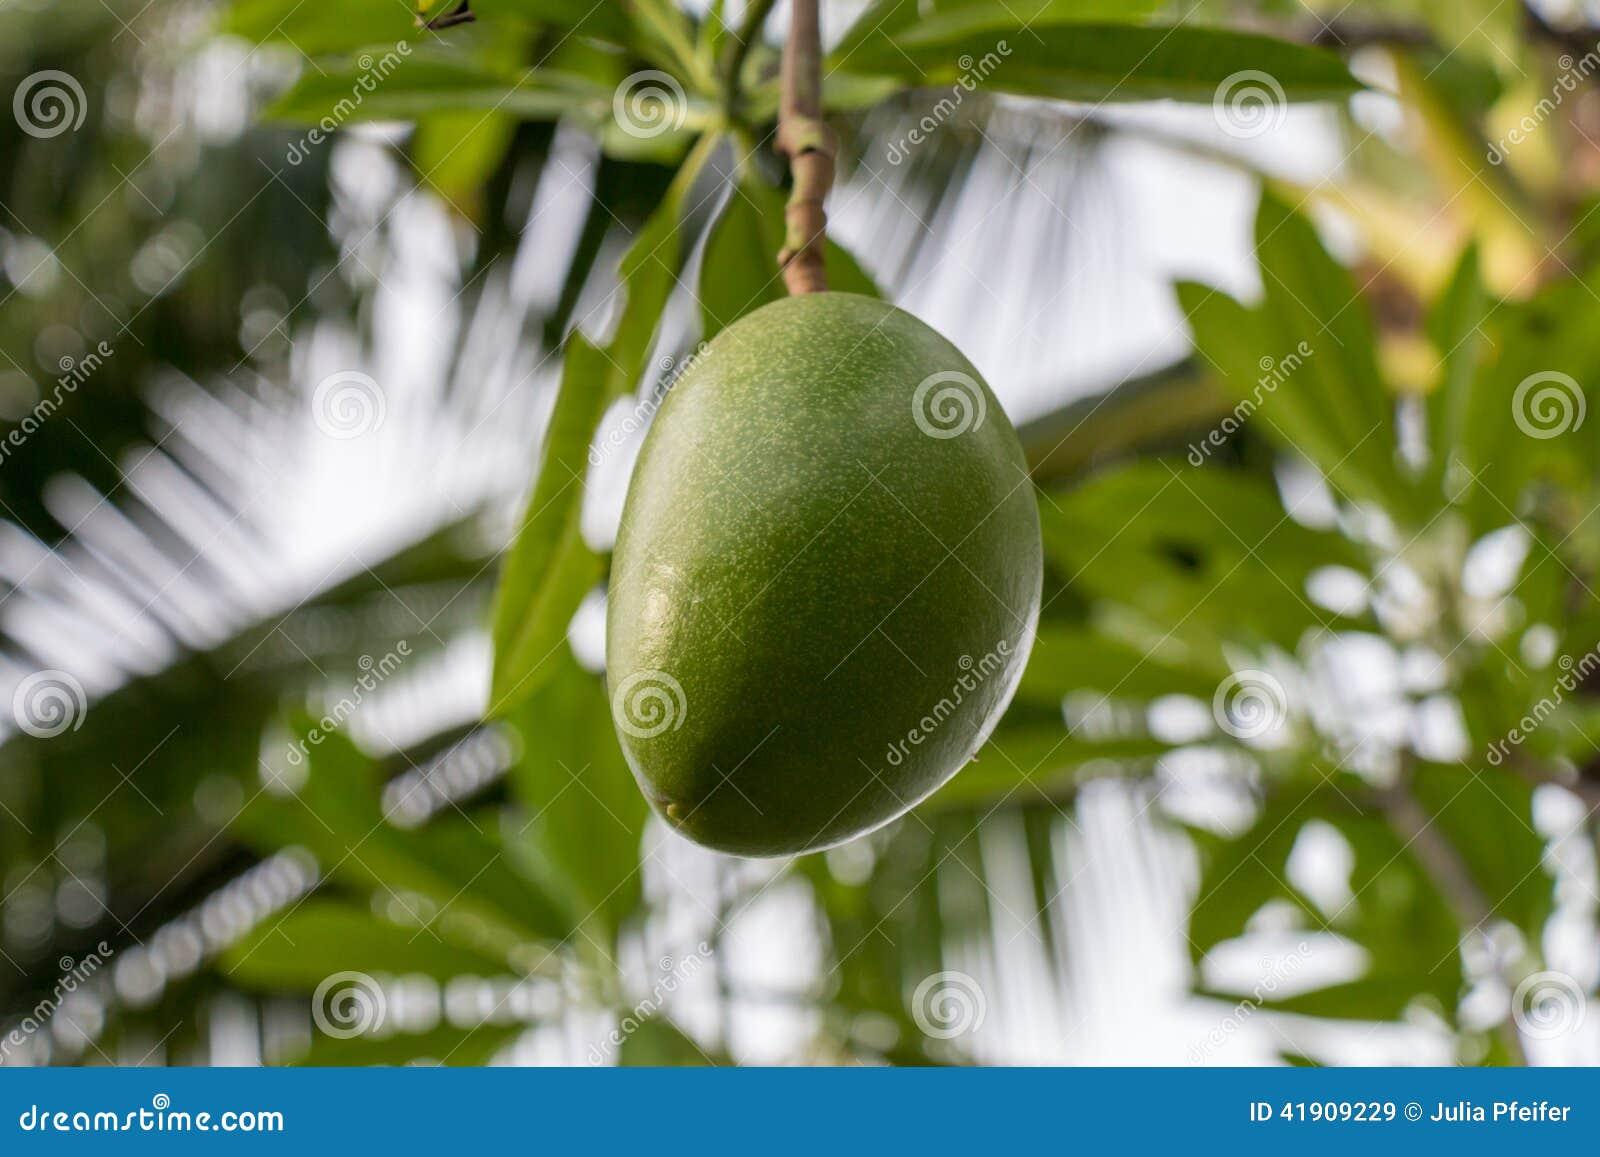 Plantón de frutal verde fresco del mango afuera en verano